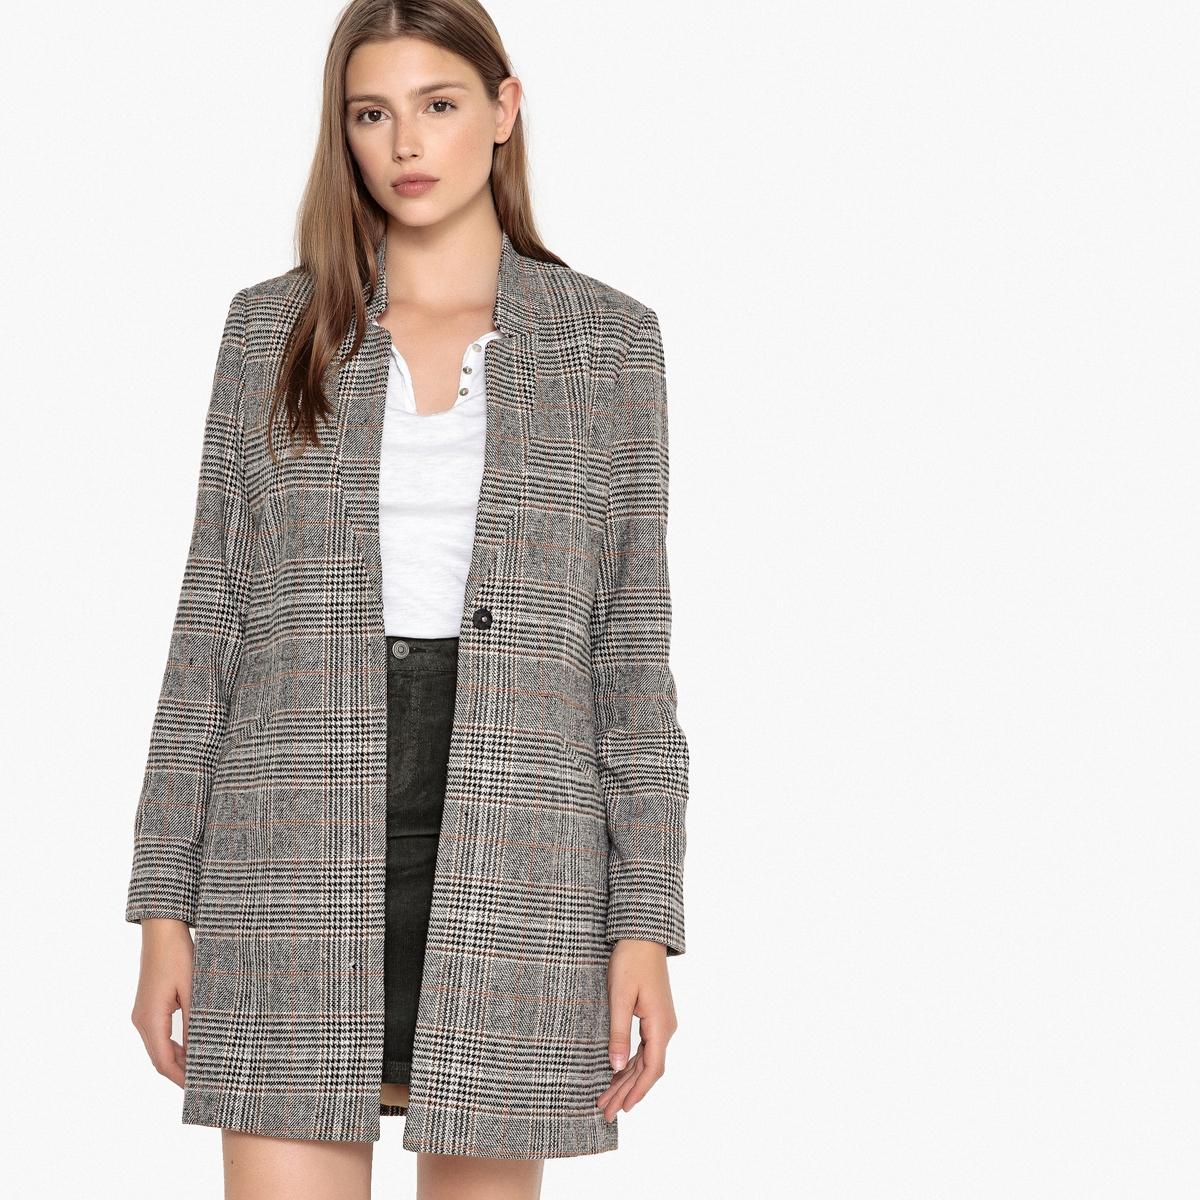 Mantel| gerade Form| Wollmix | Bekleidung > Mäntel > Sonstige Mäntel | Braun | Wolle | BEST MOUNTAIN